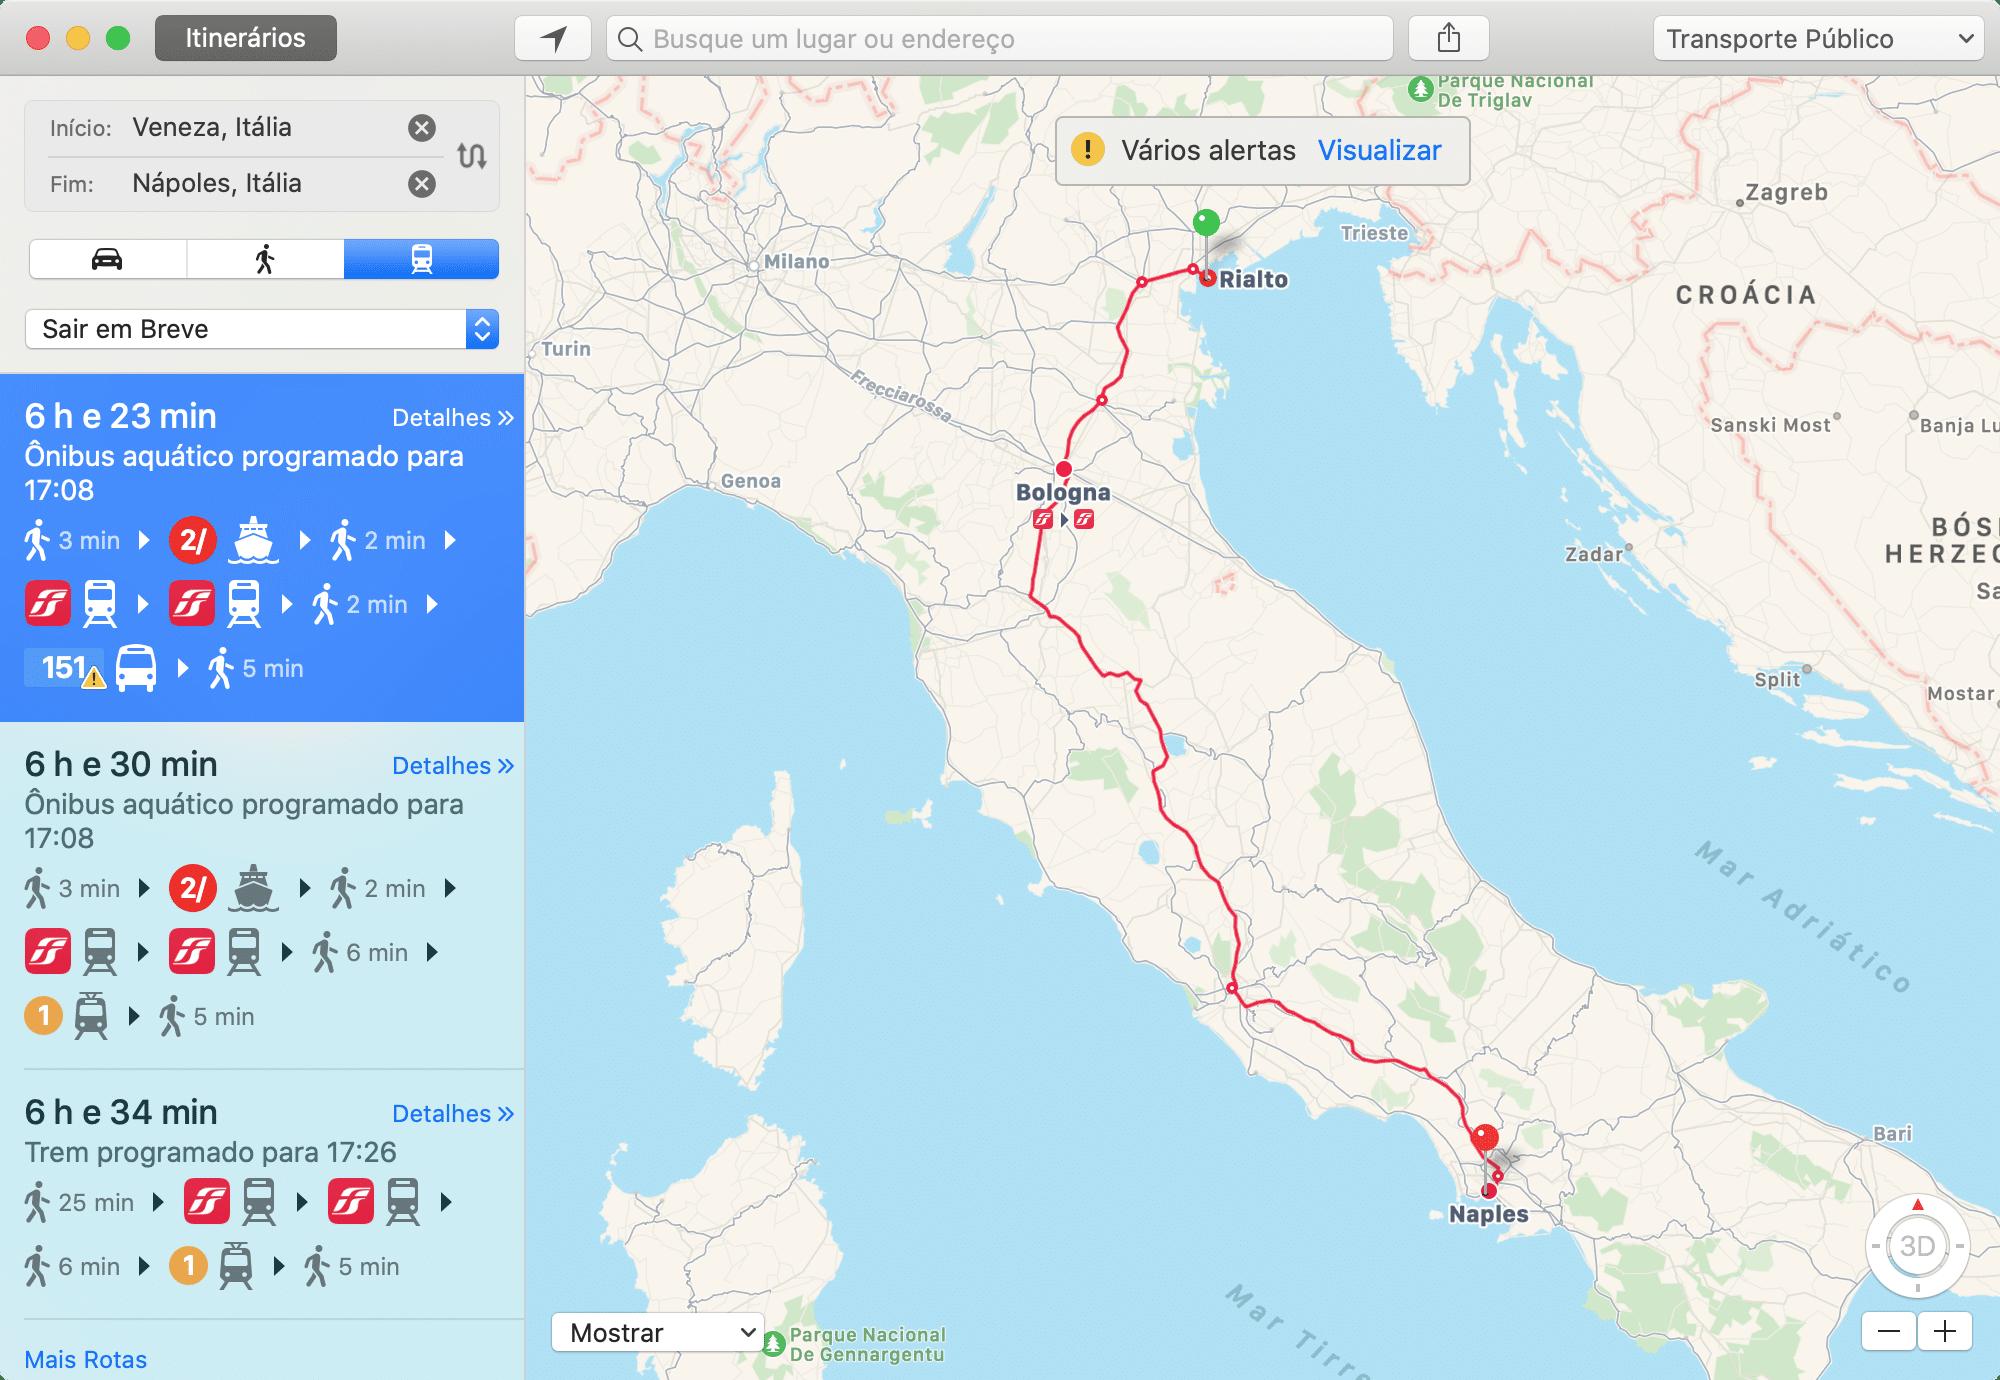 Mapas da Apple com informações de transporte público na Itália